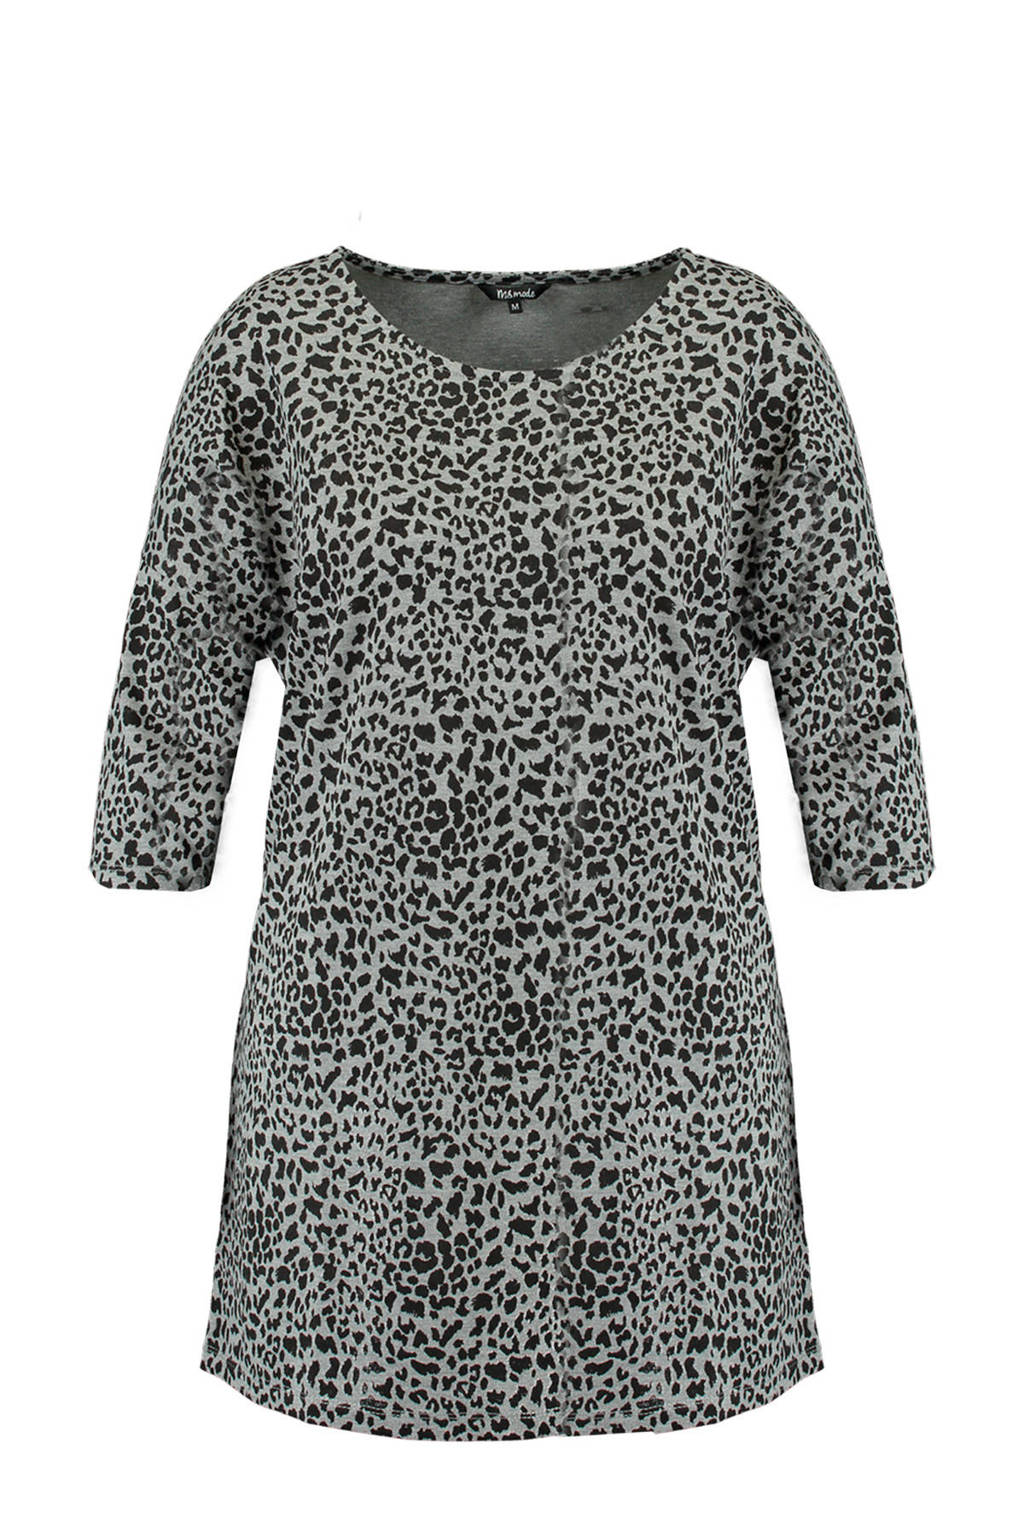 MS Mode T-shirt met panterprint grijs/zwart, Grijs/zwart